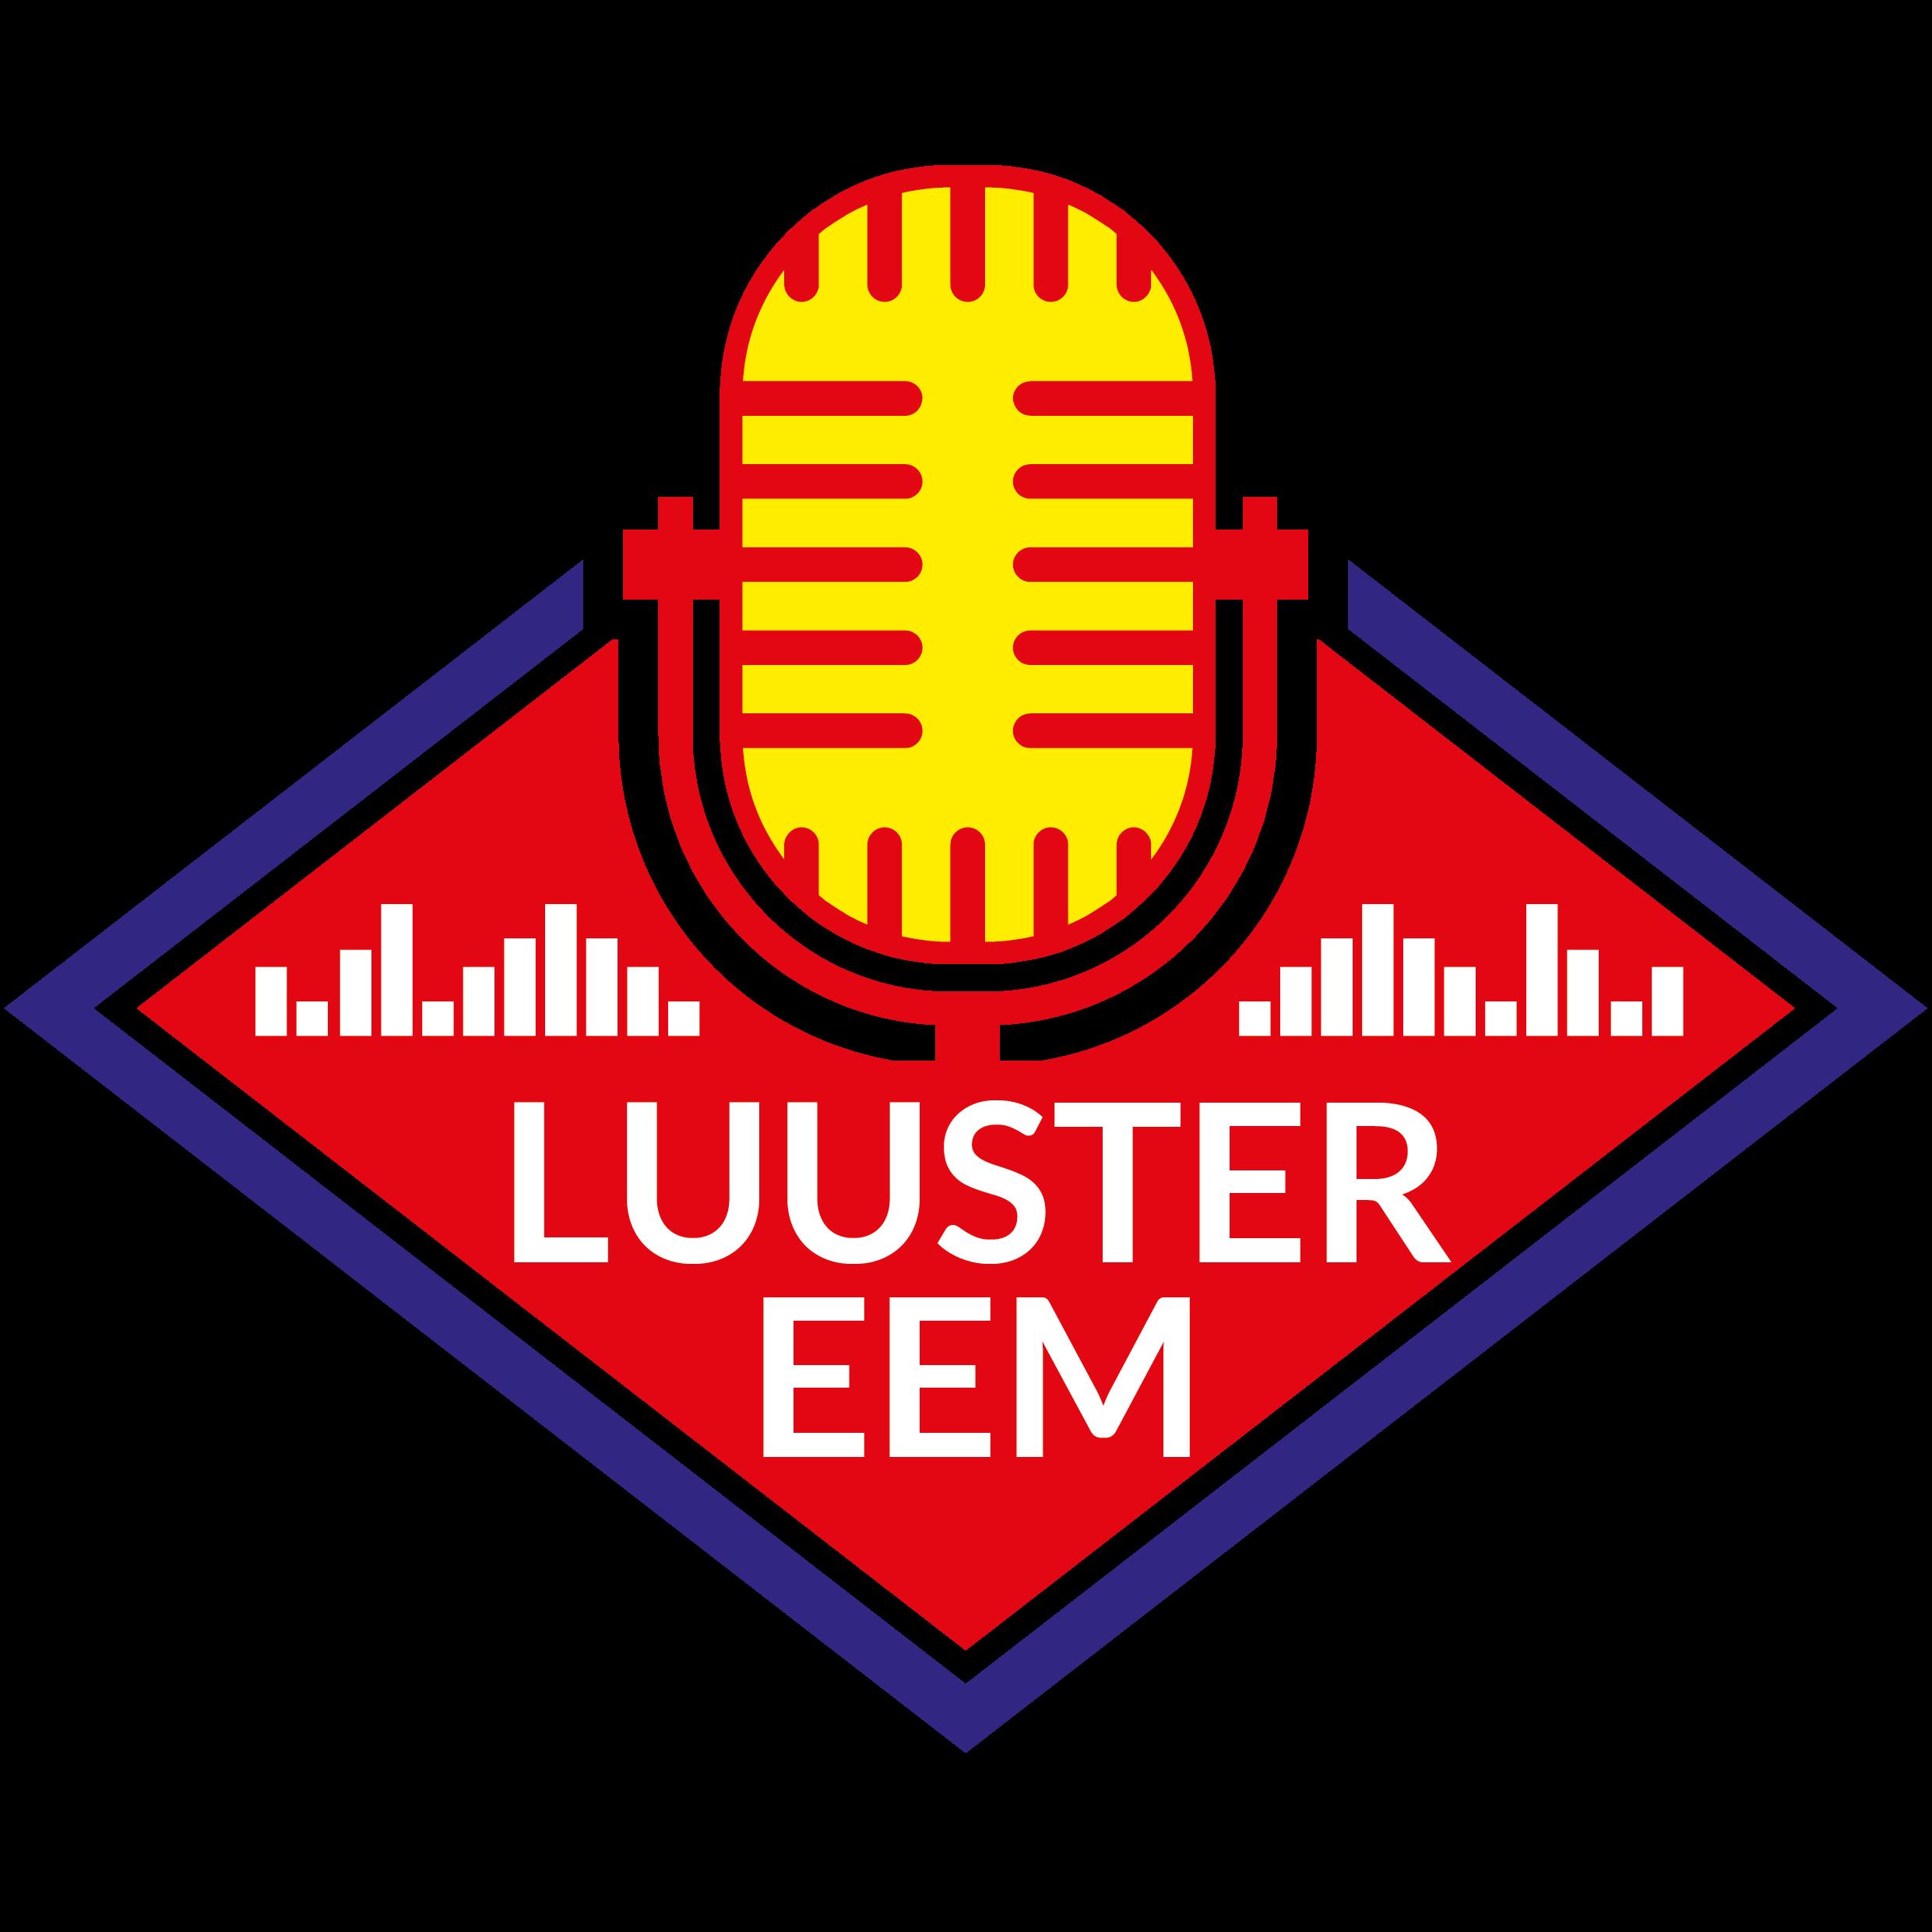 Luuster eem een programma van RTV SLOS